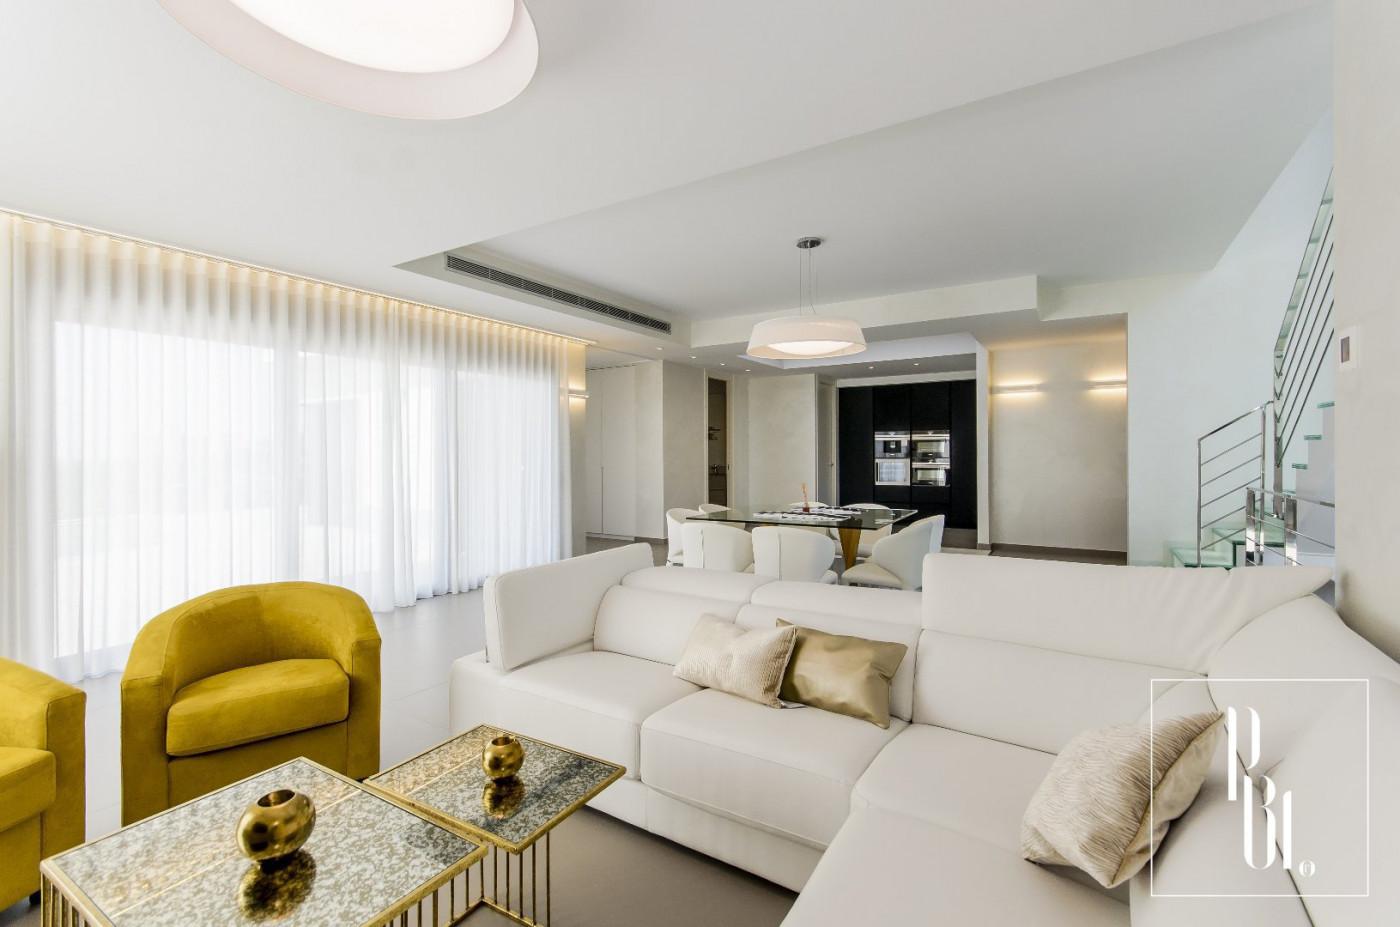 A vendre  Alicante | Réf 345051006 - Pierre blanche immobilier